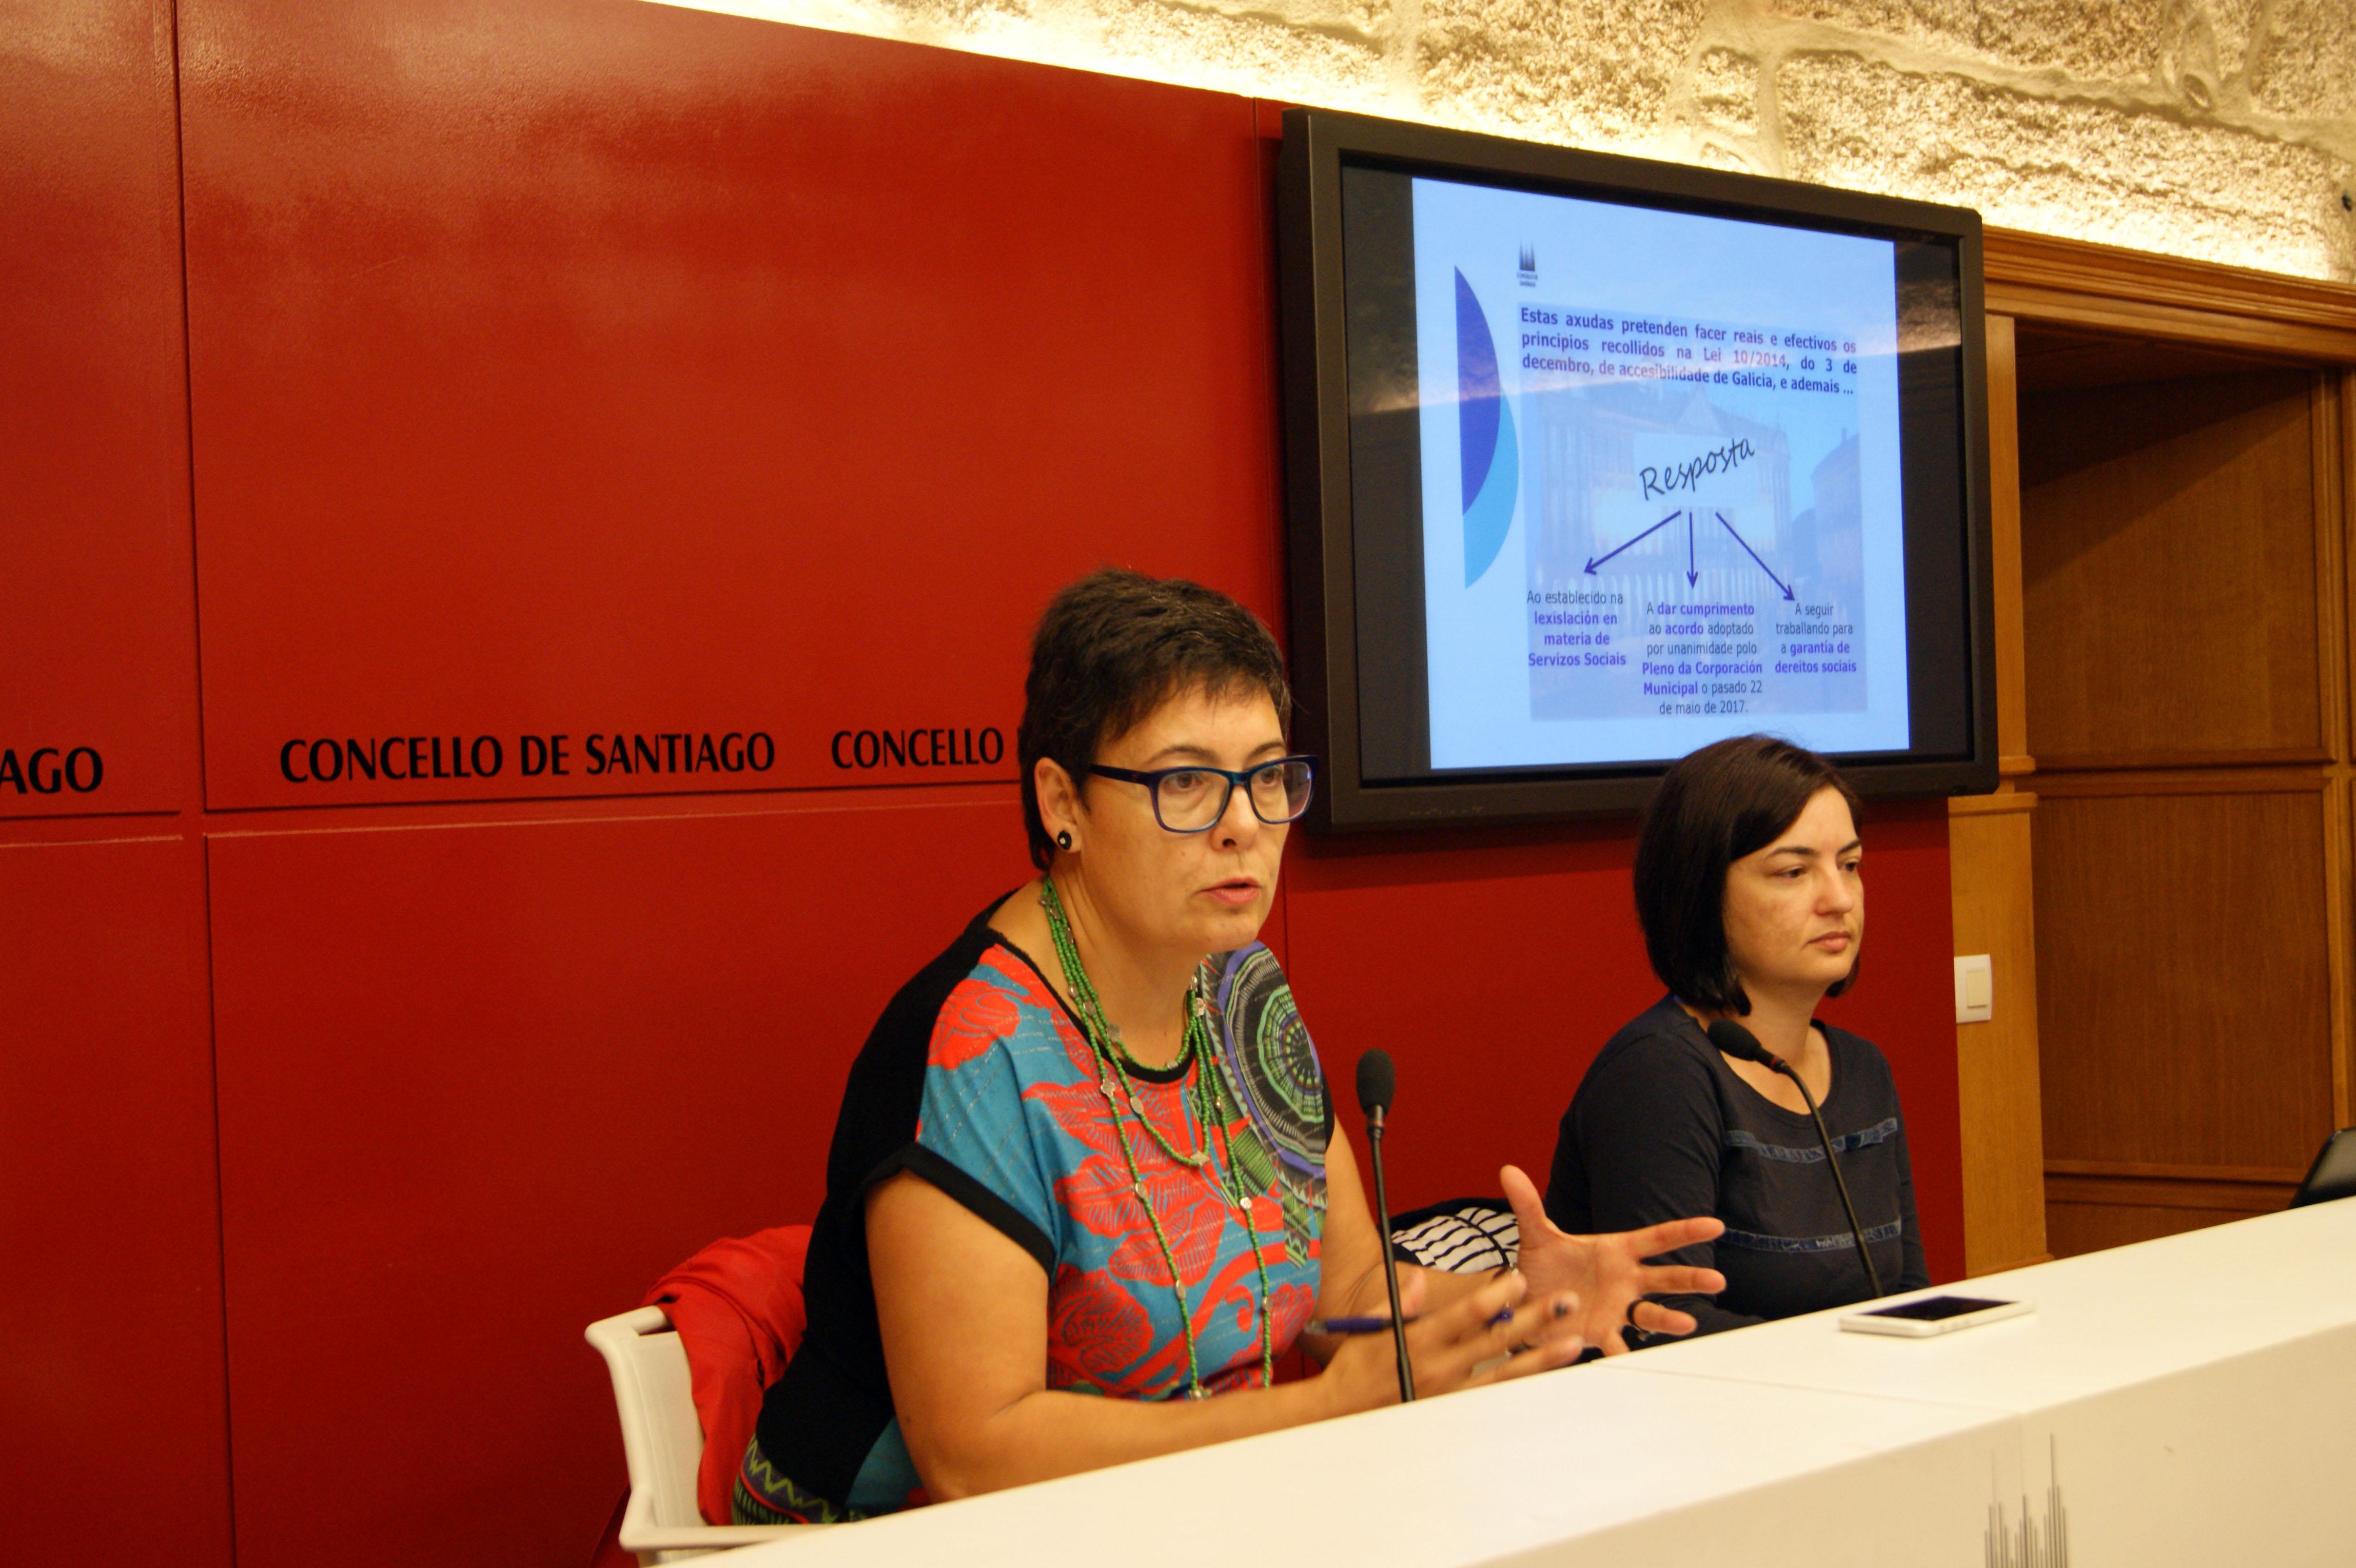 A concelleira e a traballadora social explicaron as características do bono.